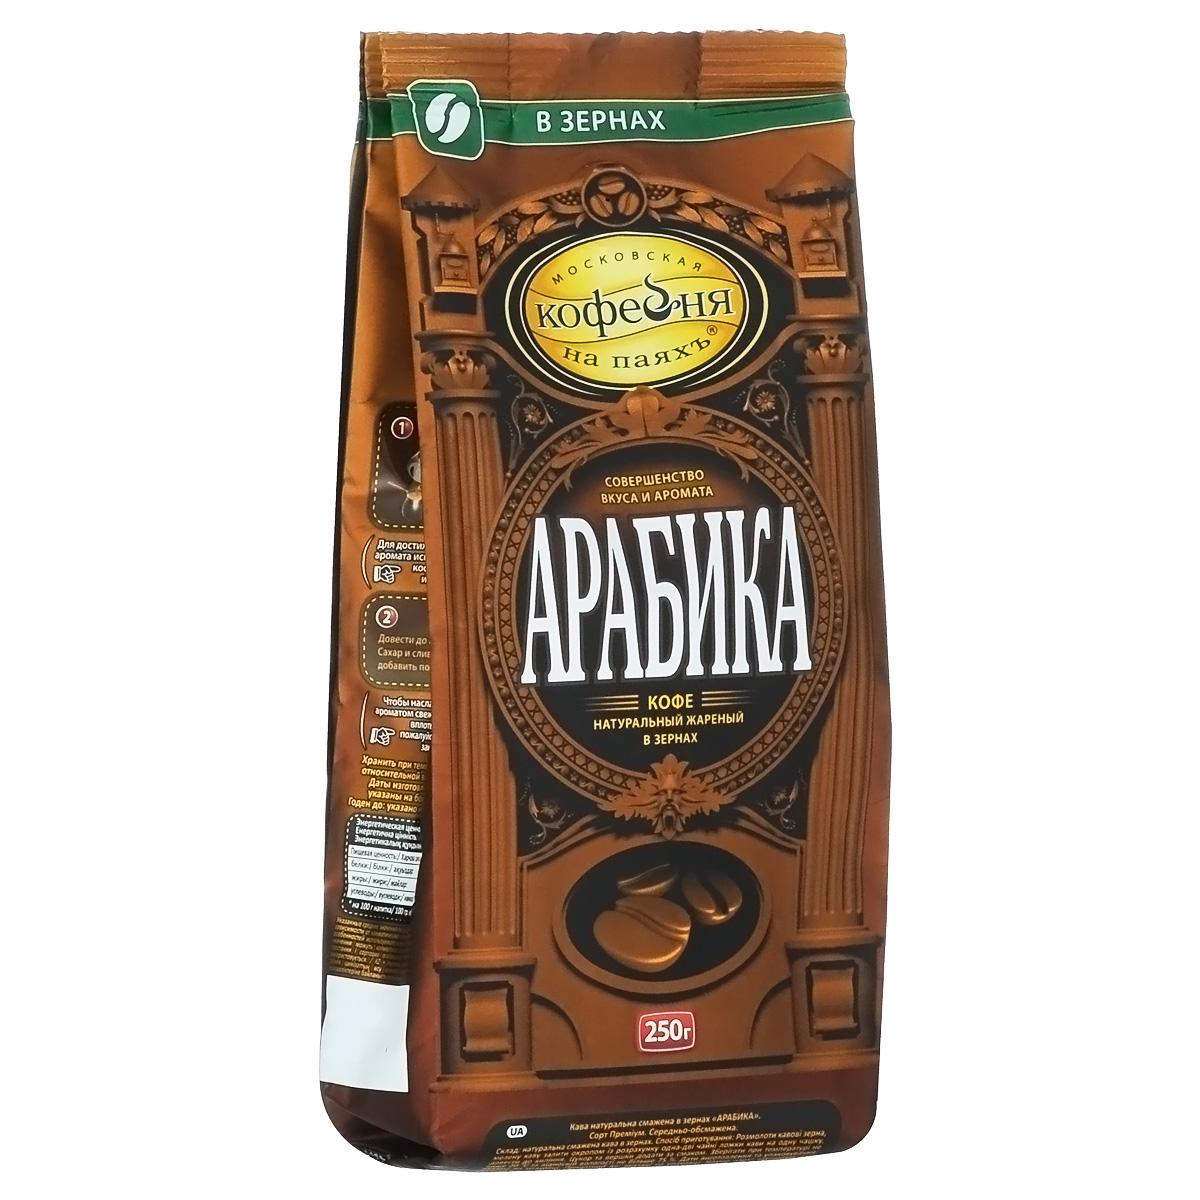 Московская кофейня на паяхъ Арабика кофе в зернах, 250 г4601985000014Кофе натуральный жареный в зернах Московская кофейня на паяхъ Арабика. Приготовлен исключительно из премиальных сортов Арабики. Традиционная обжарка придает насыщенный мягкий вкус с приятной кислинкой и чистый натуральный аромат настоящего кофе. Специальный клапан на пакете гарантирует сохранение вкуса и аромата свежеобжаренного кофе.